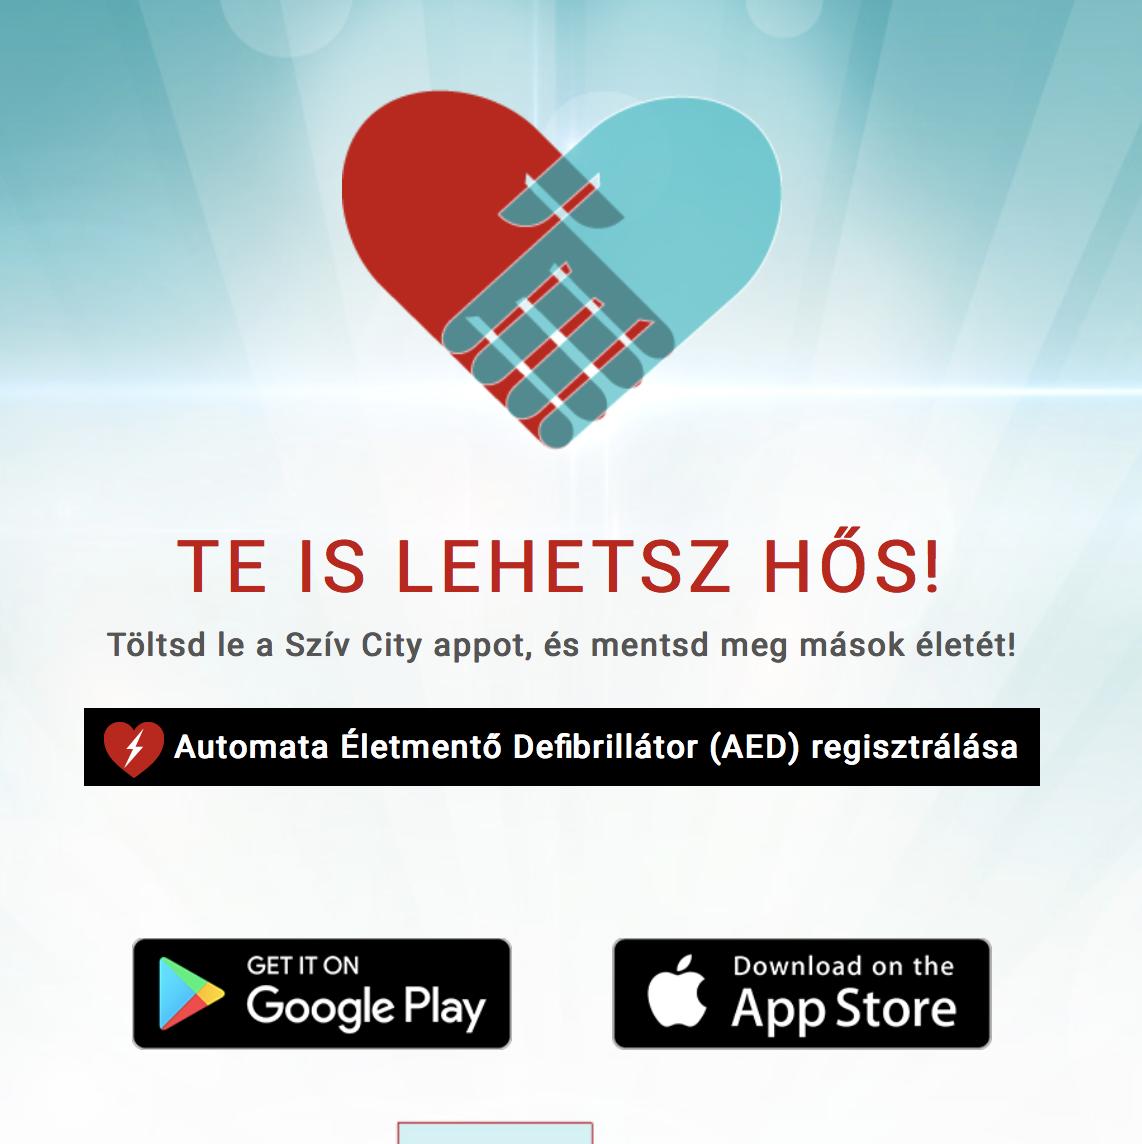 szivcityhu-app-omsz-eletmento-hos-defibrilator.png